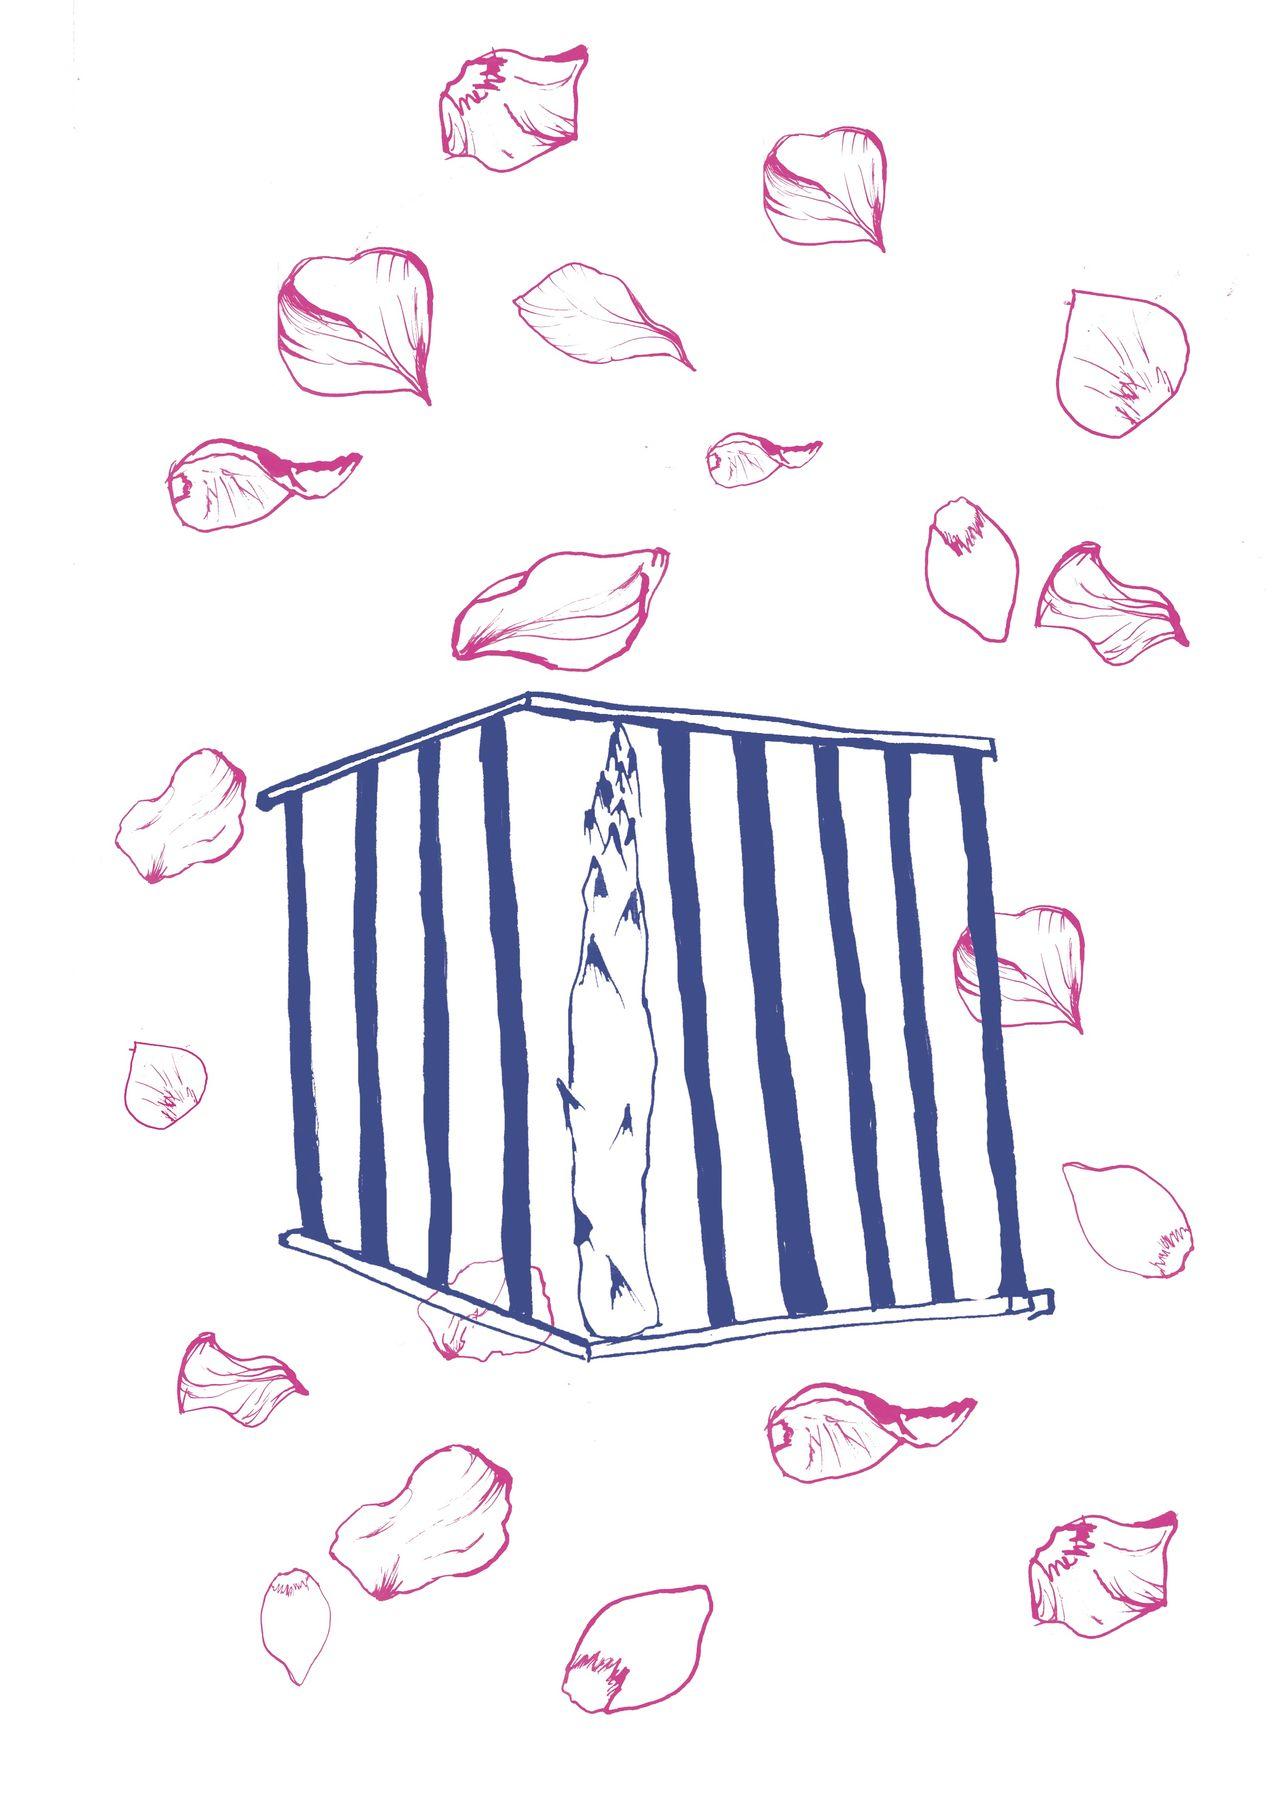 Illustration Gertrud Stein